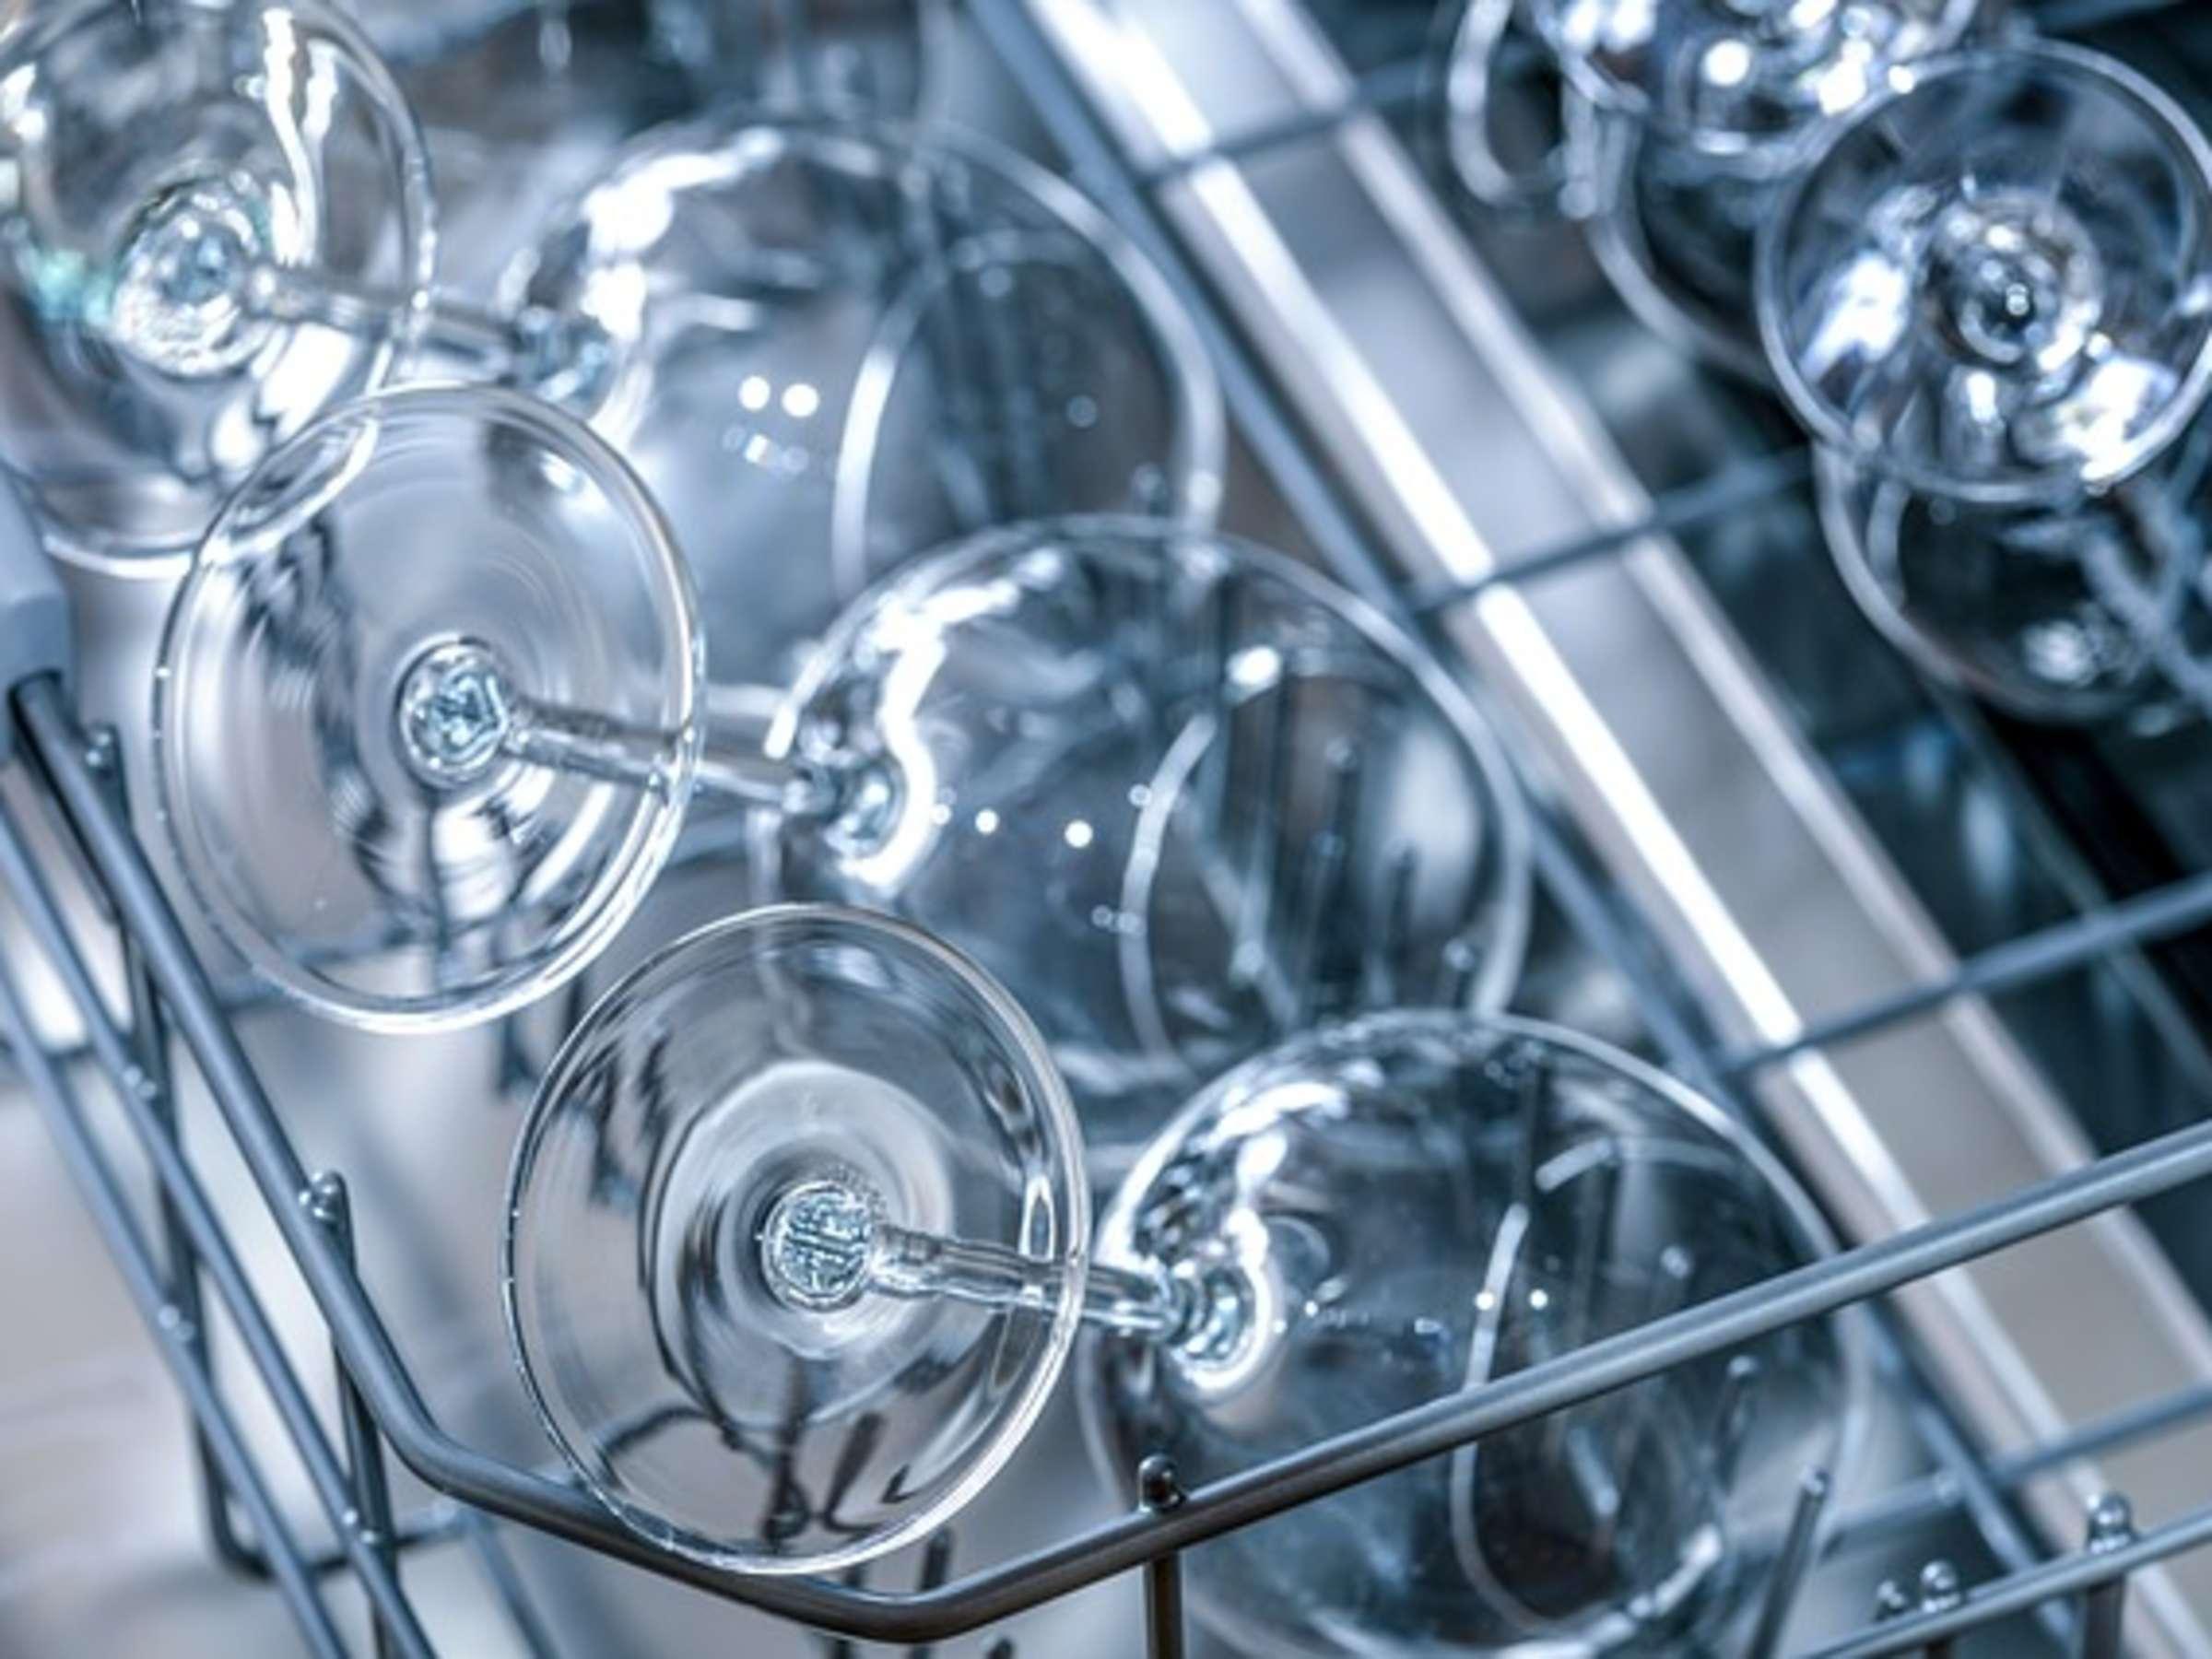 Trübe Gläser durch Spülmaschine Mit diesen Hausmitteln glänzen ...